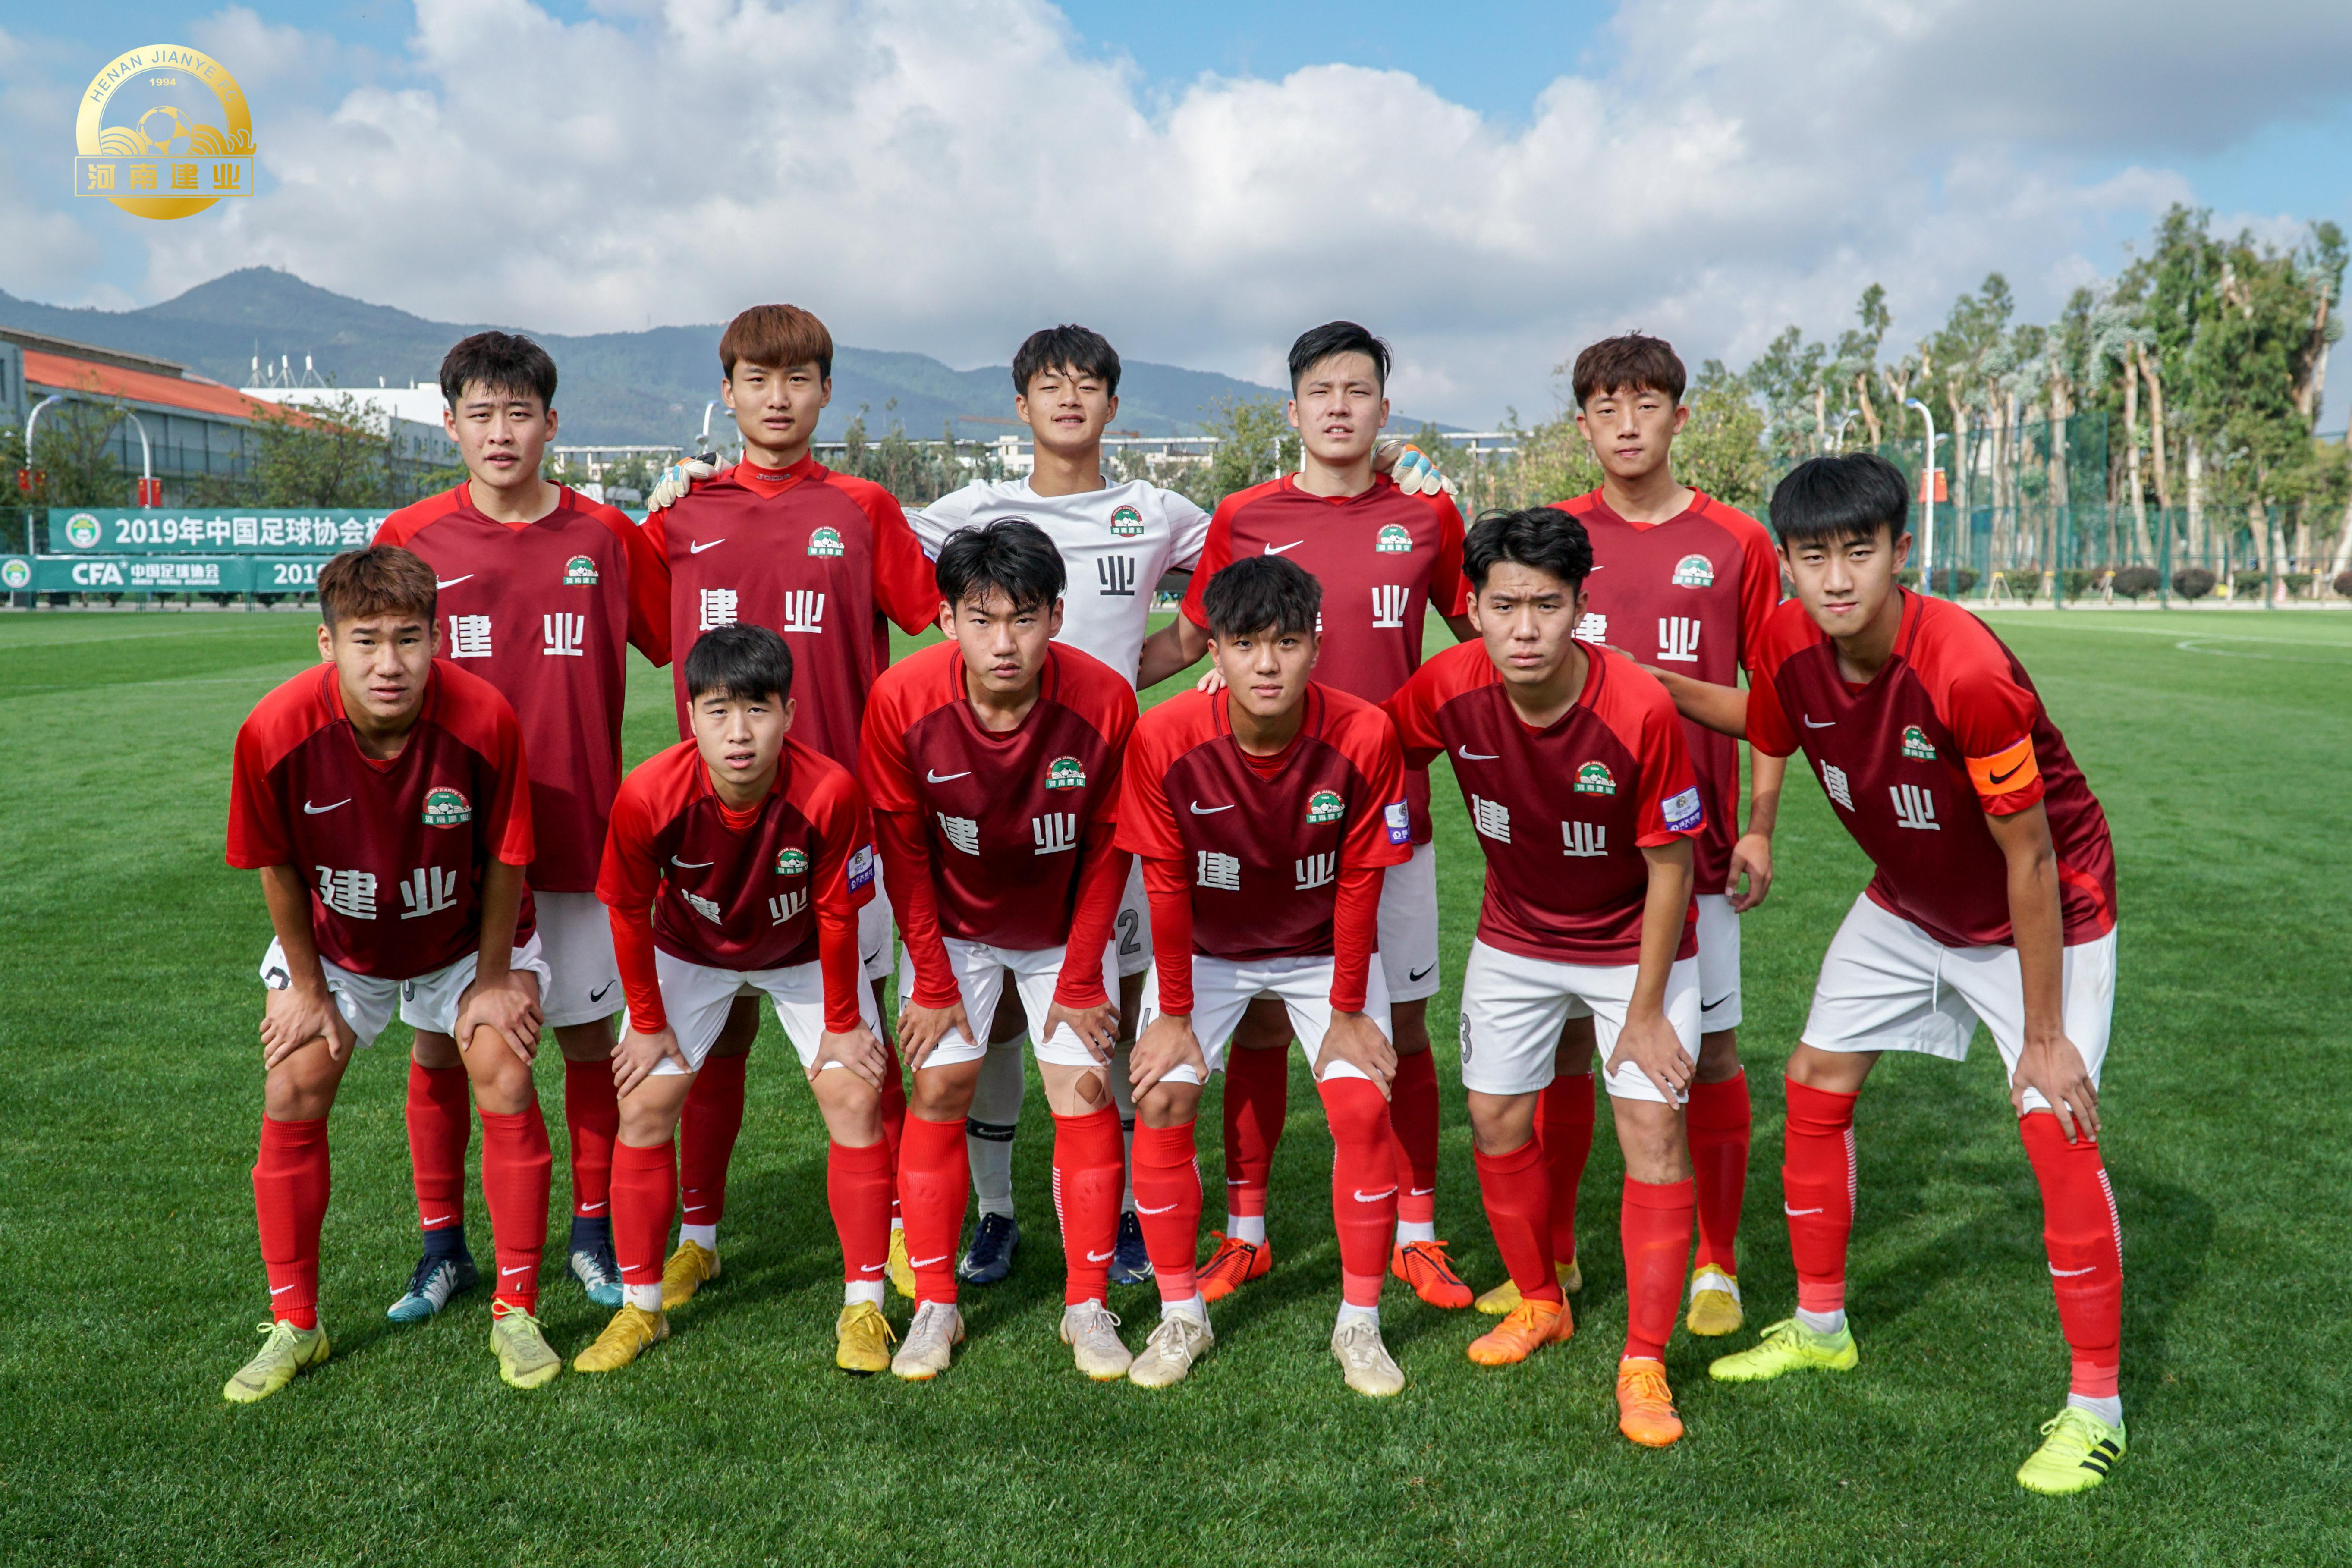 U19战报足协杯首战河南建业2-3不敌广州富力,无缘八强